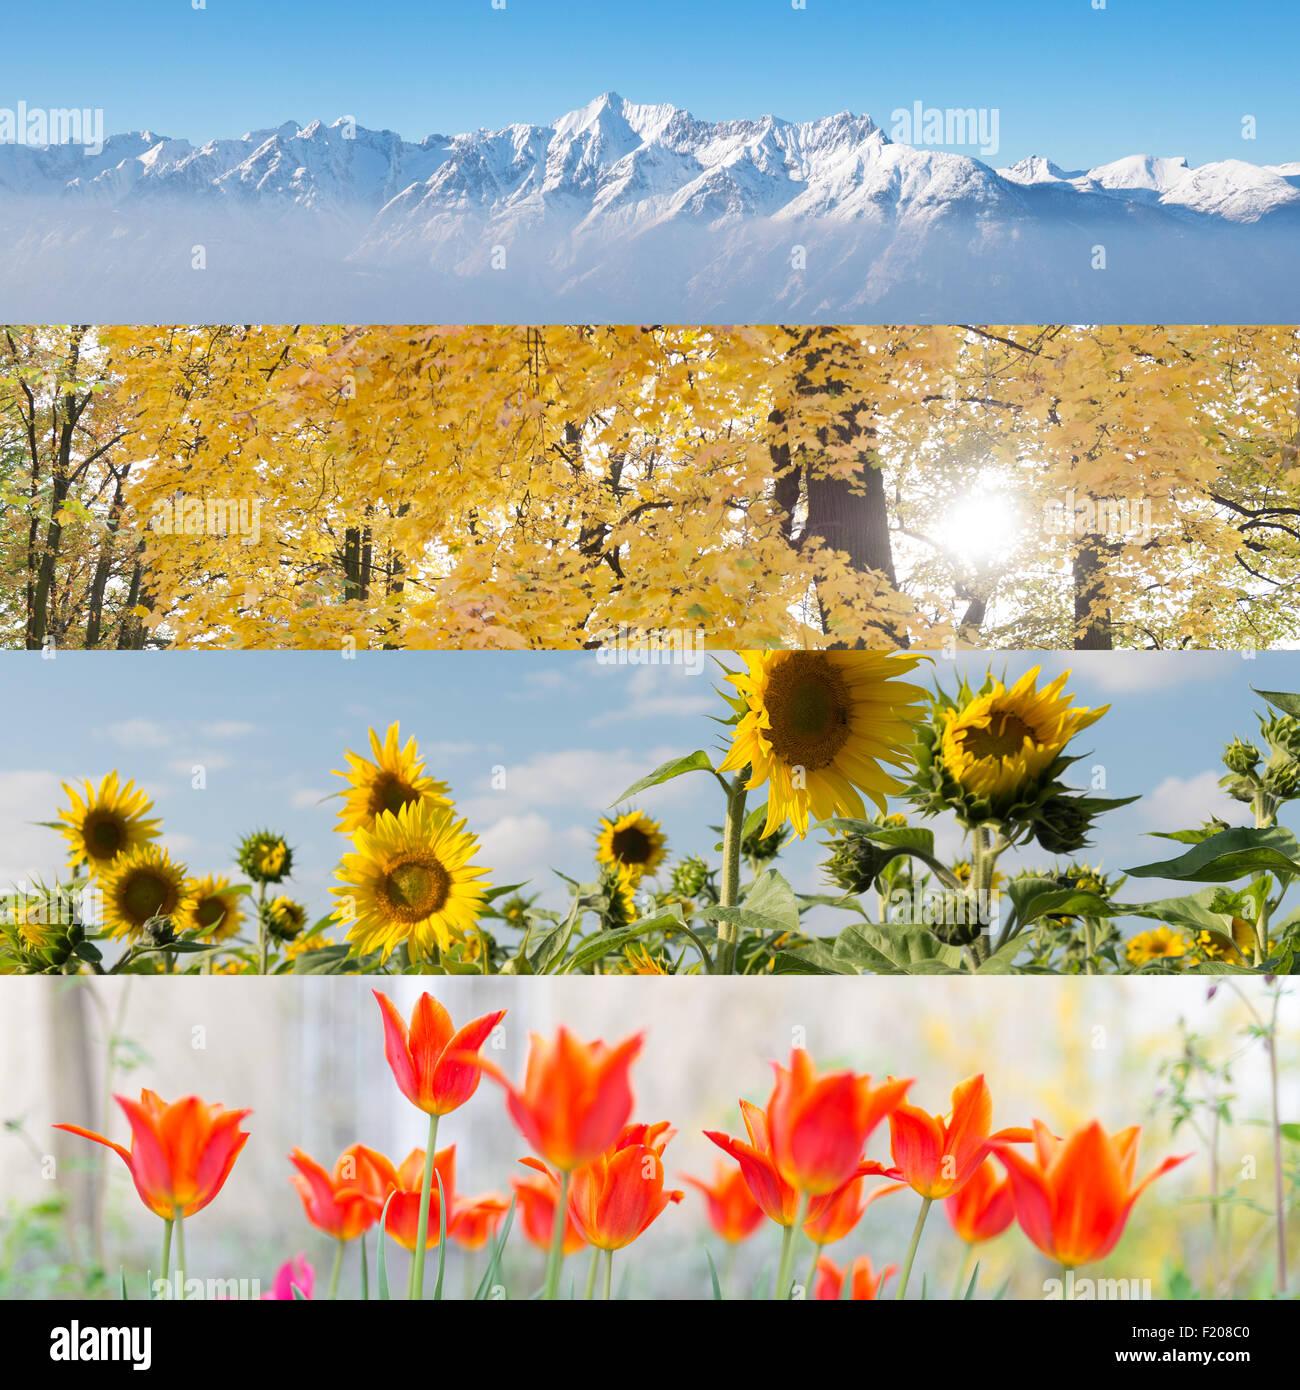 Vier Jahreszeiten in Einem Bild Stockbild